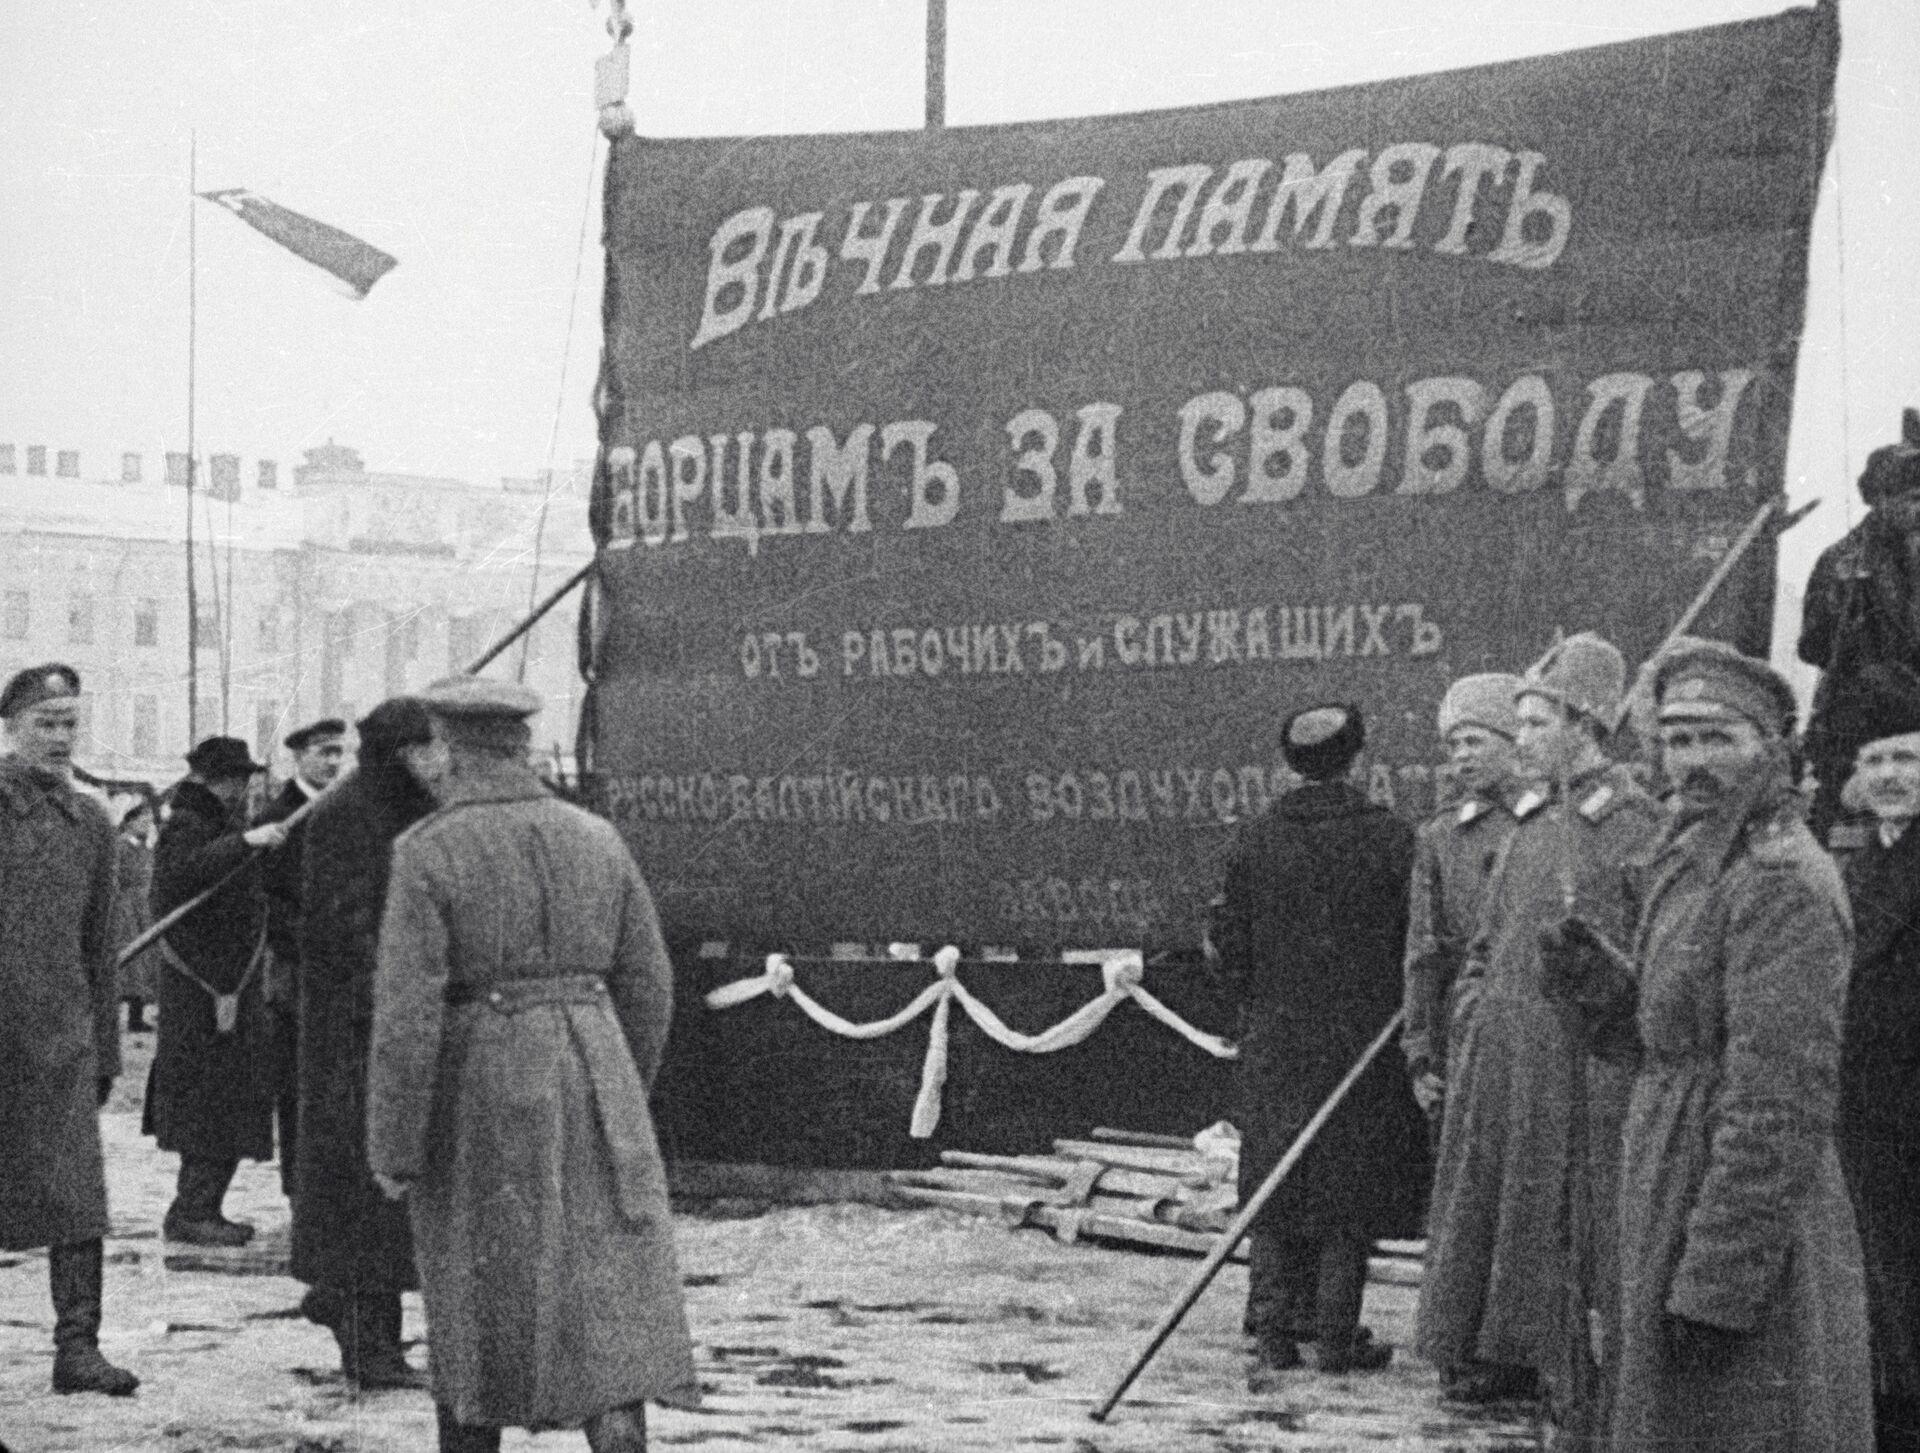 Похороны жертв февральской революции в Петрограде. 1917 год - РИА Новости, 1920, 16.03.2021